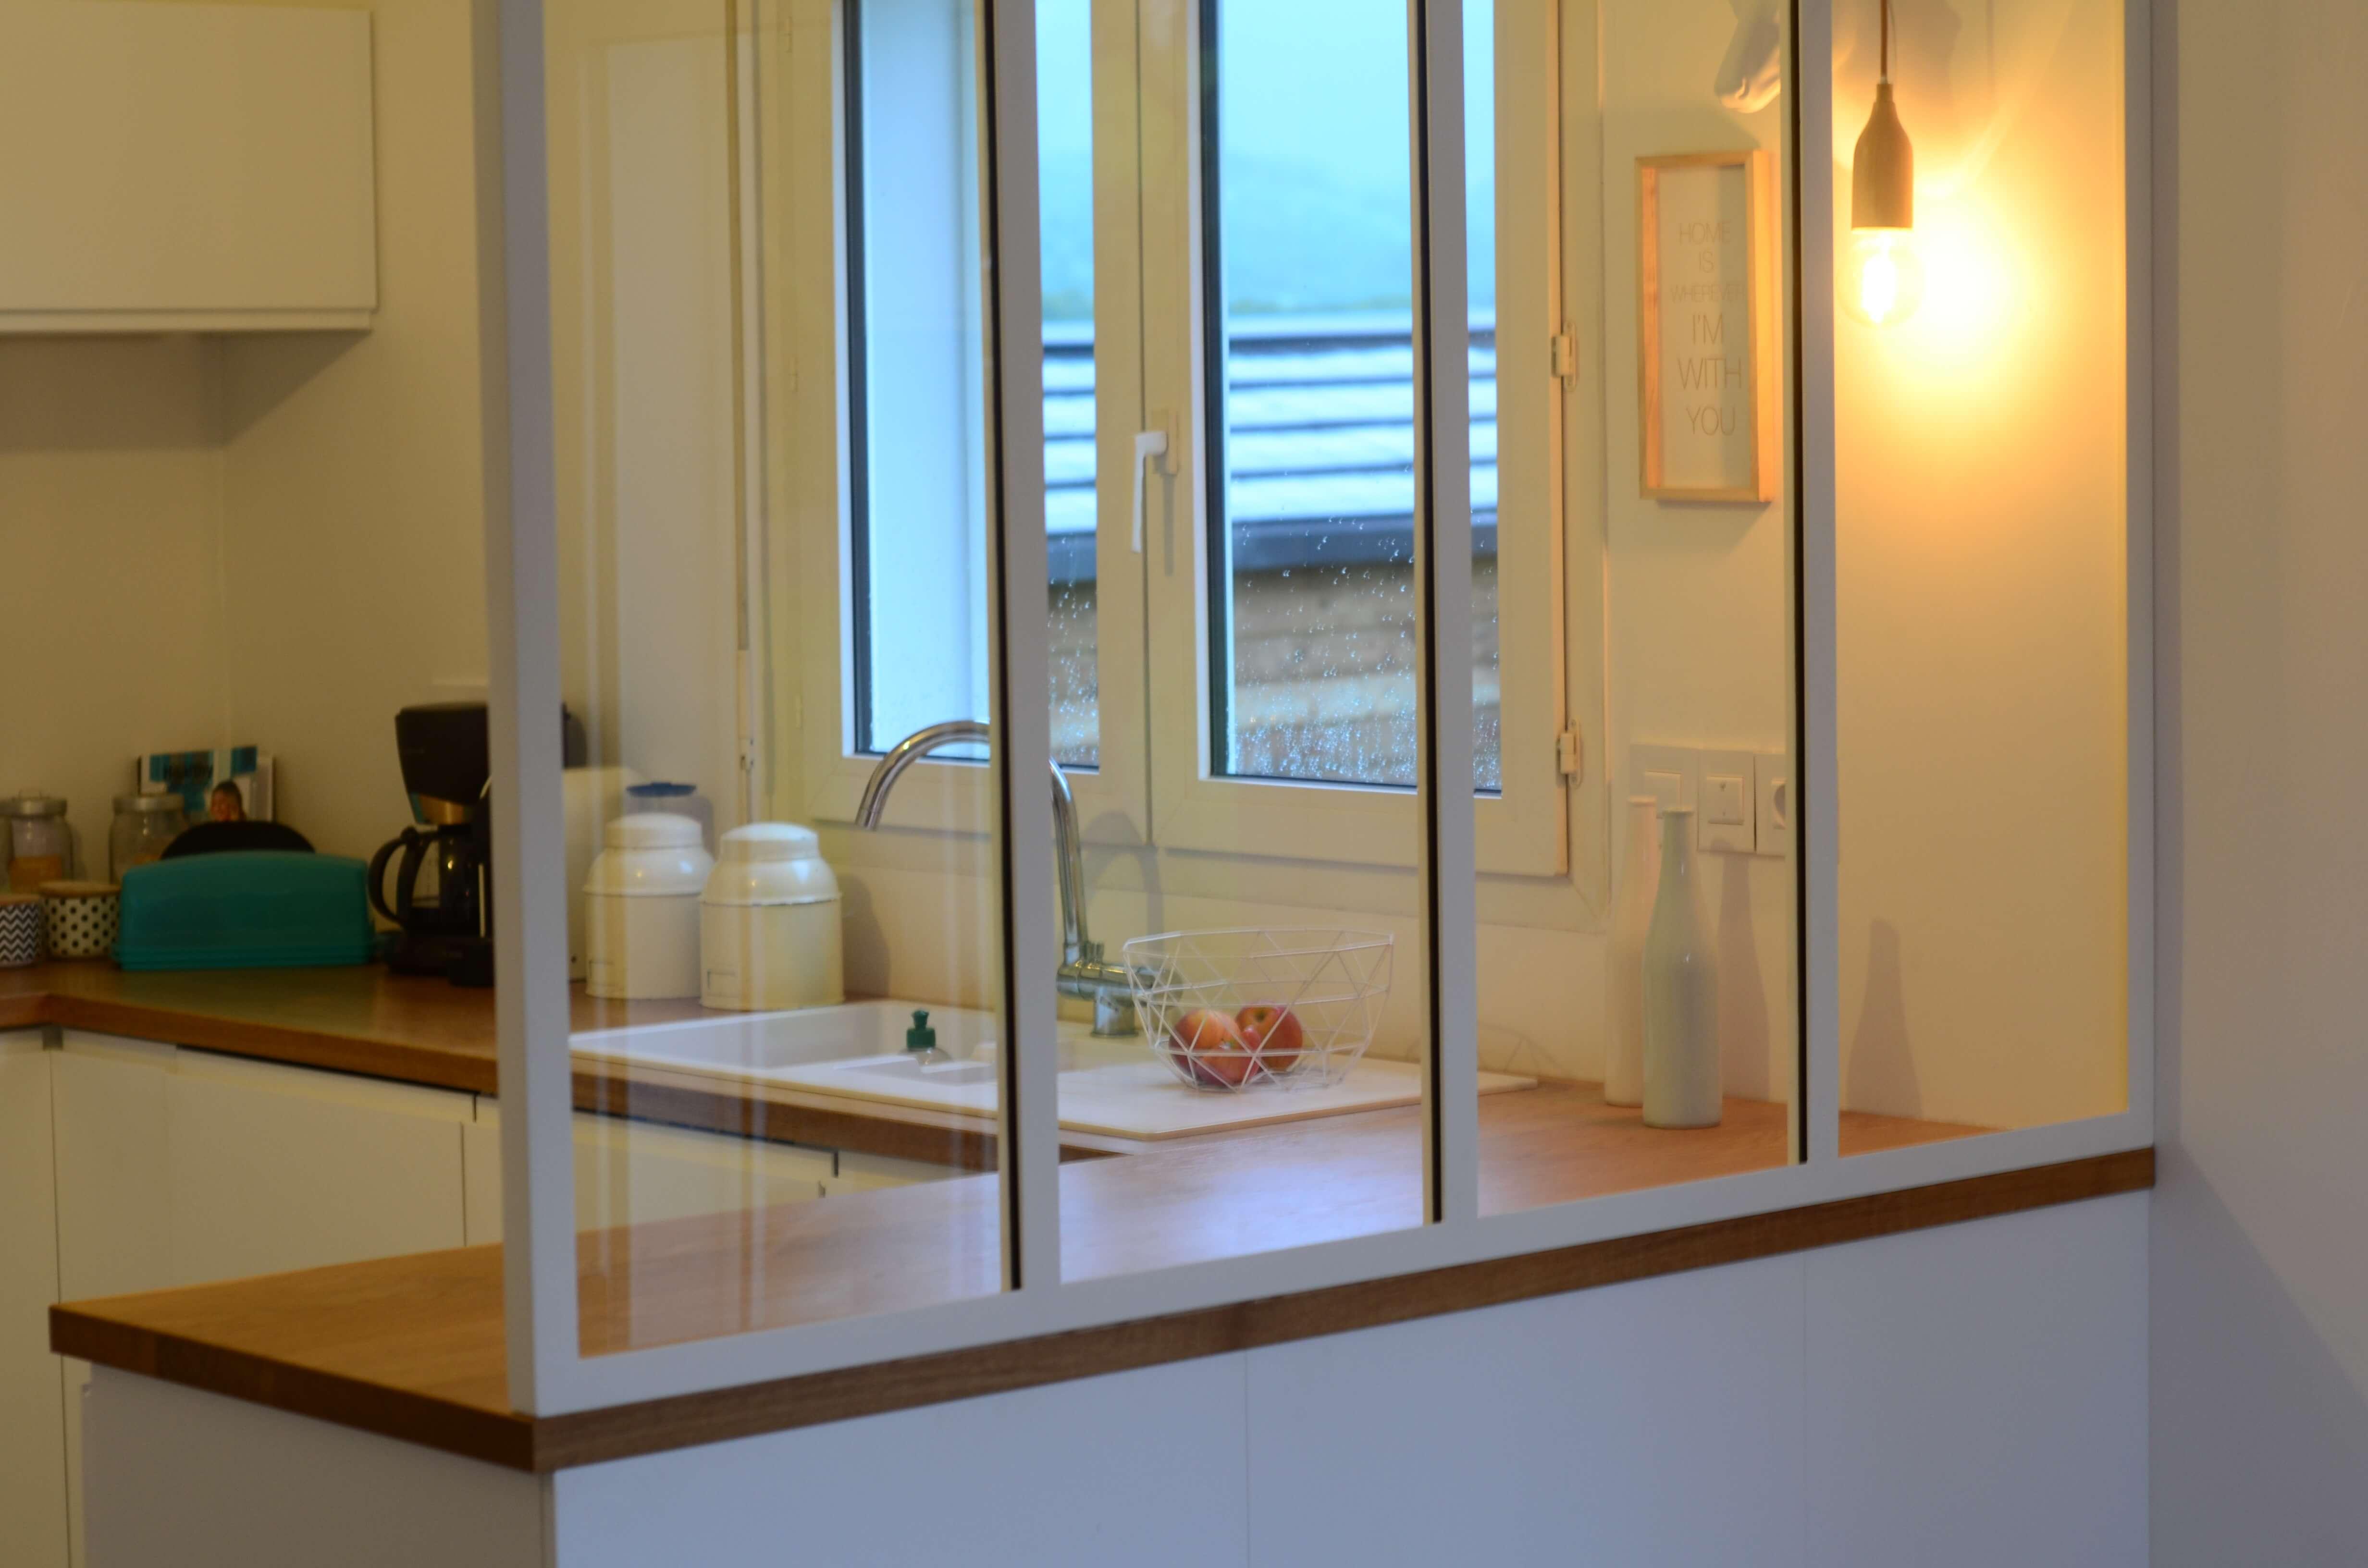 Robi design Métallique Annecy Verrière de cuisine Rumilly 749